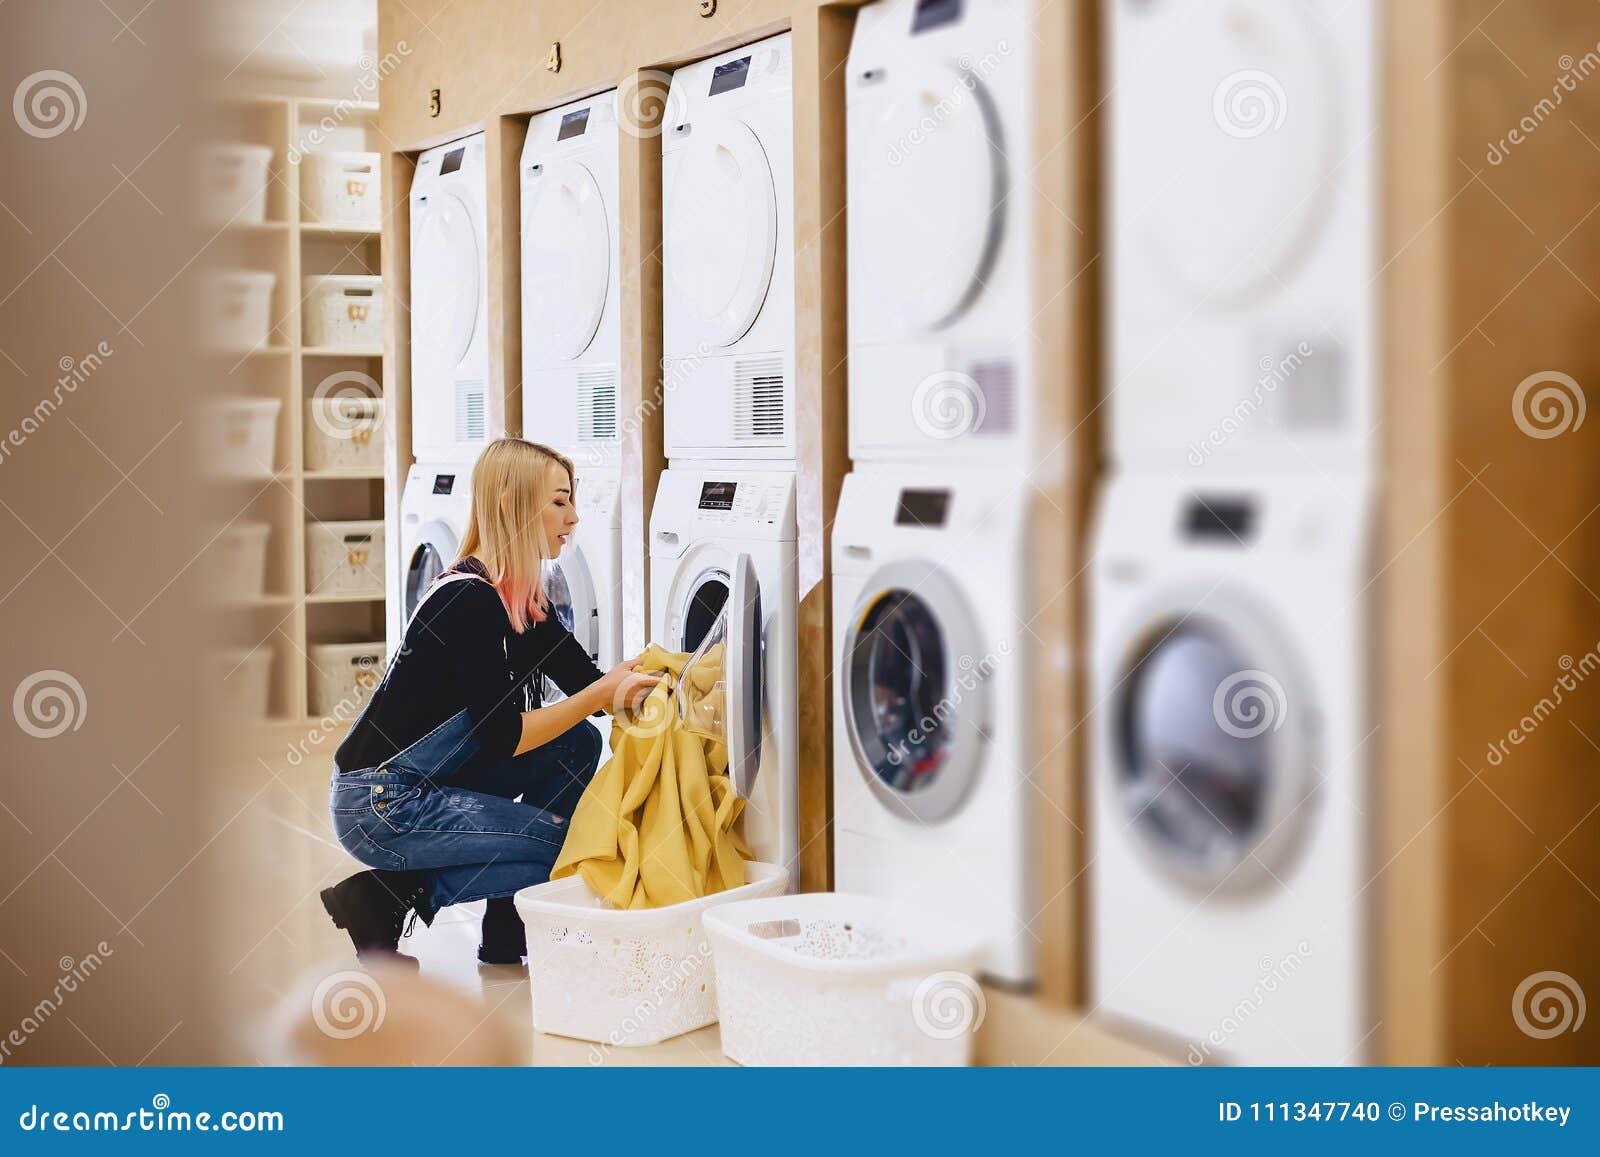 Une charge de femme les feuilles dans la blanchisserie à laver et sécher